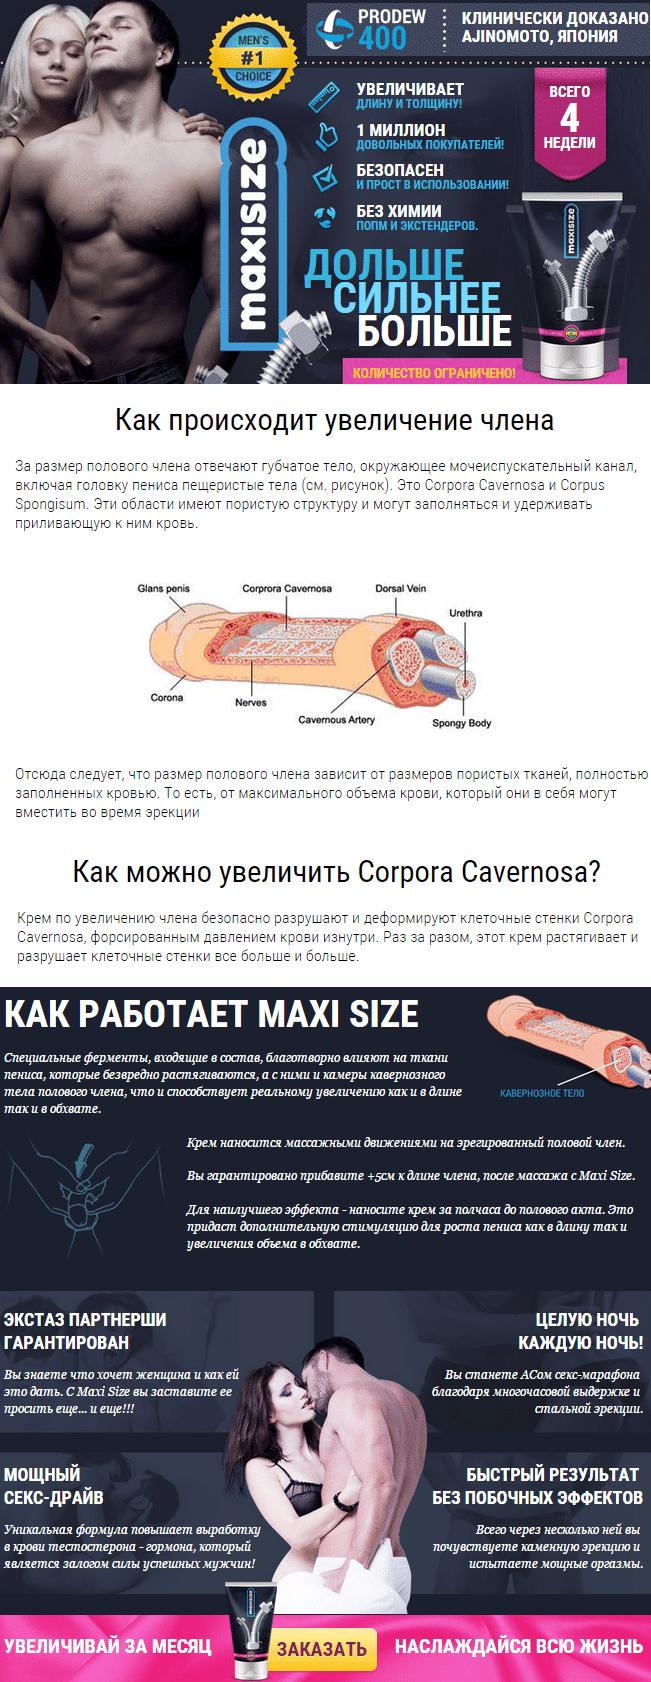 Средство для увеличения полового члена (пениса) - купить в Алматы и Астане